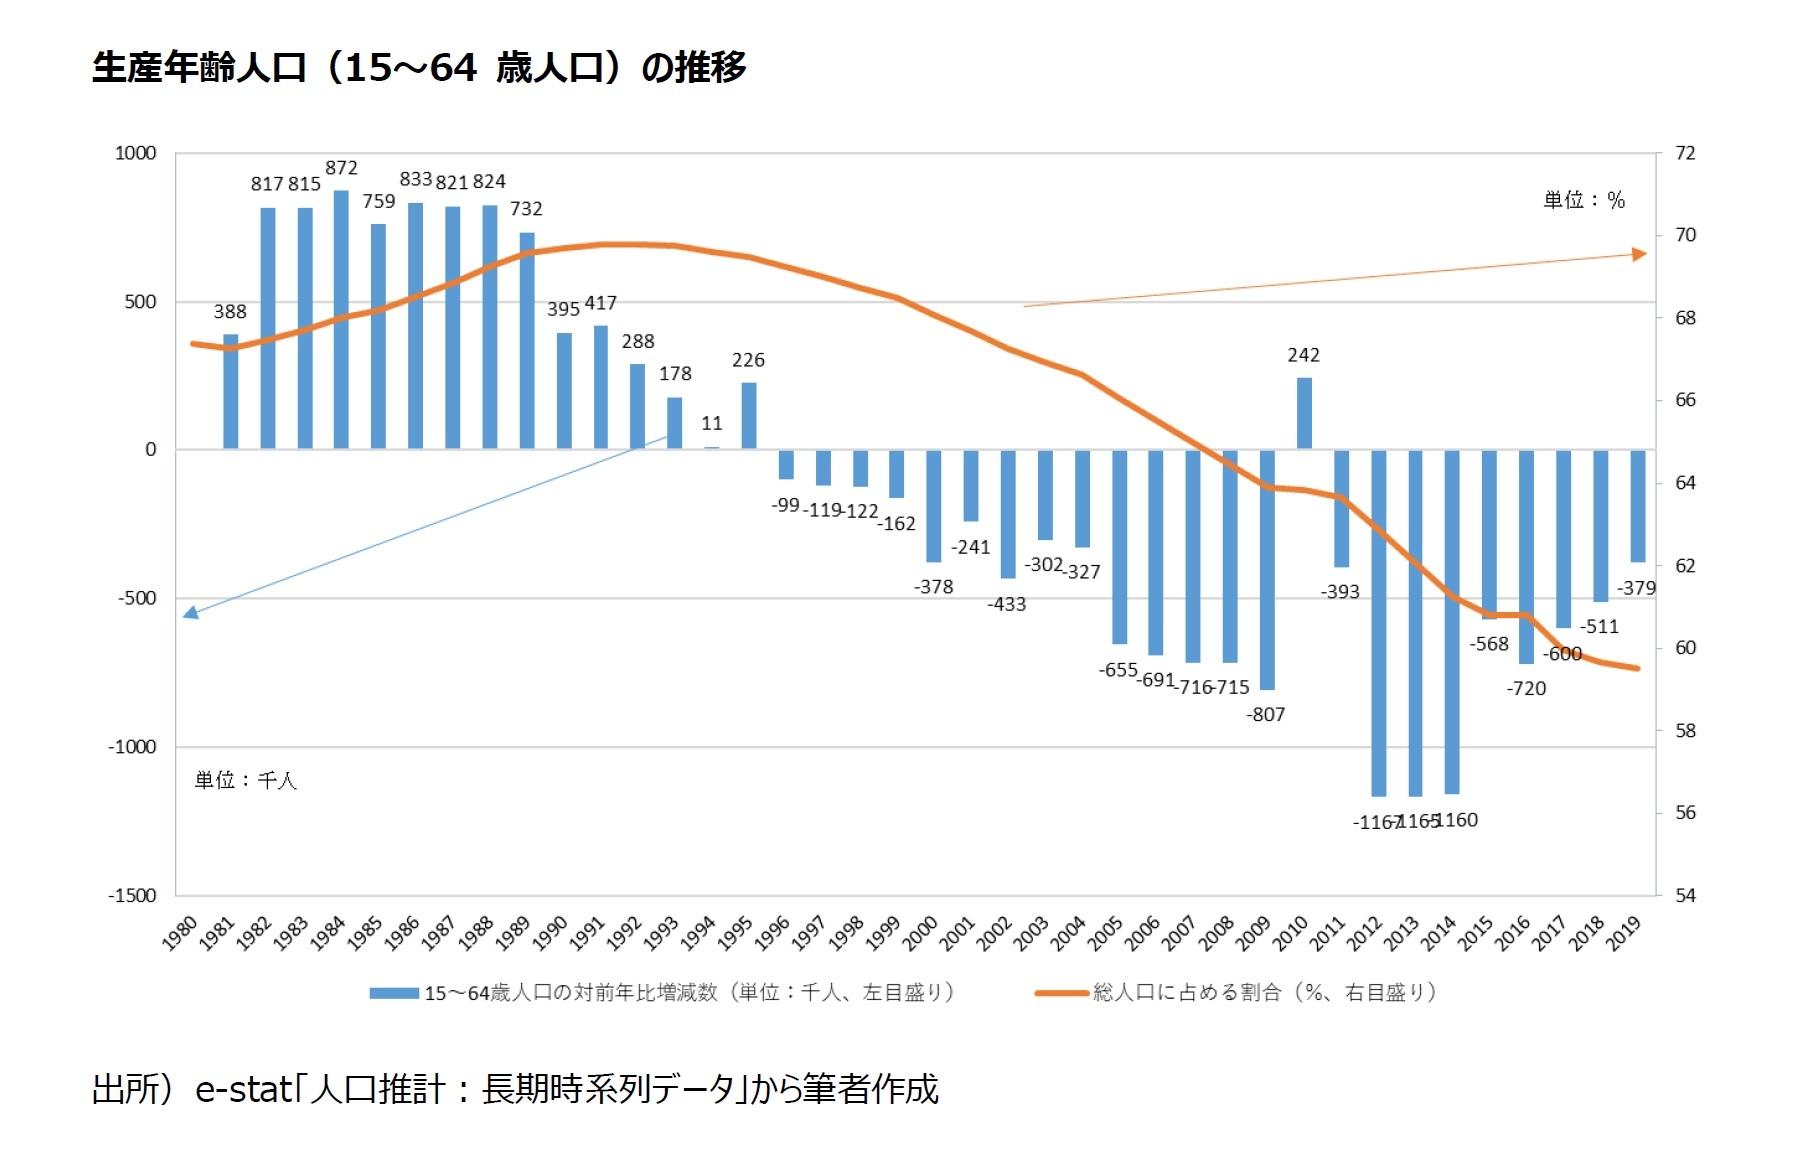 生産年齢人口(15~64 歳人口)の推移